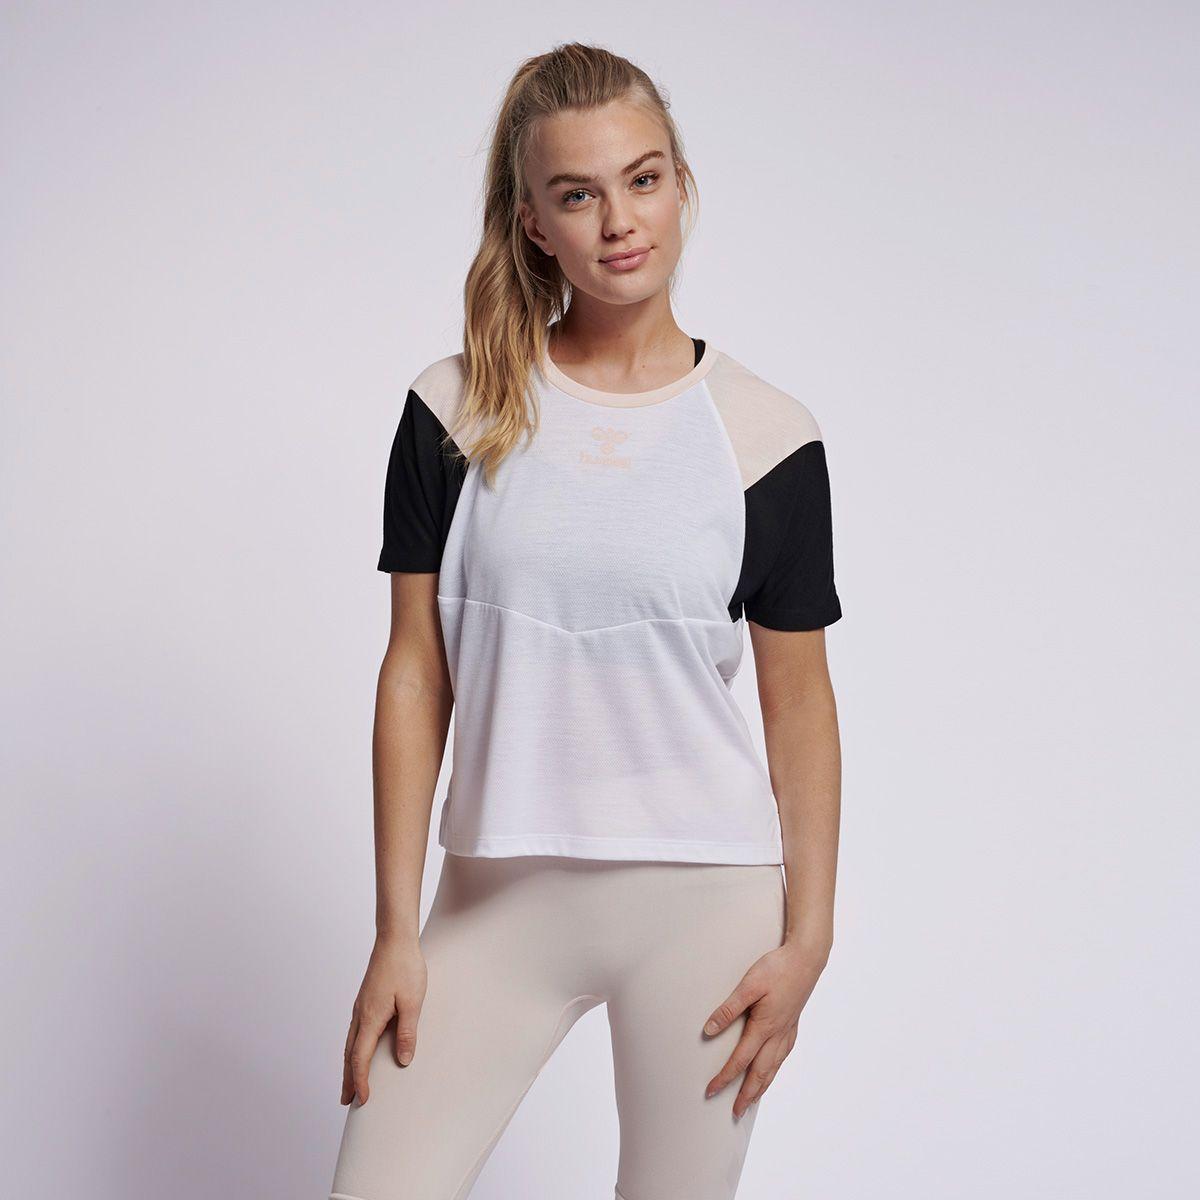 Hummel colour-block t-shirt, white, x-large